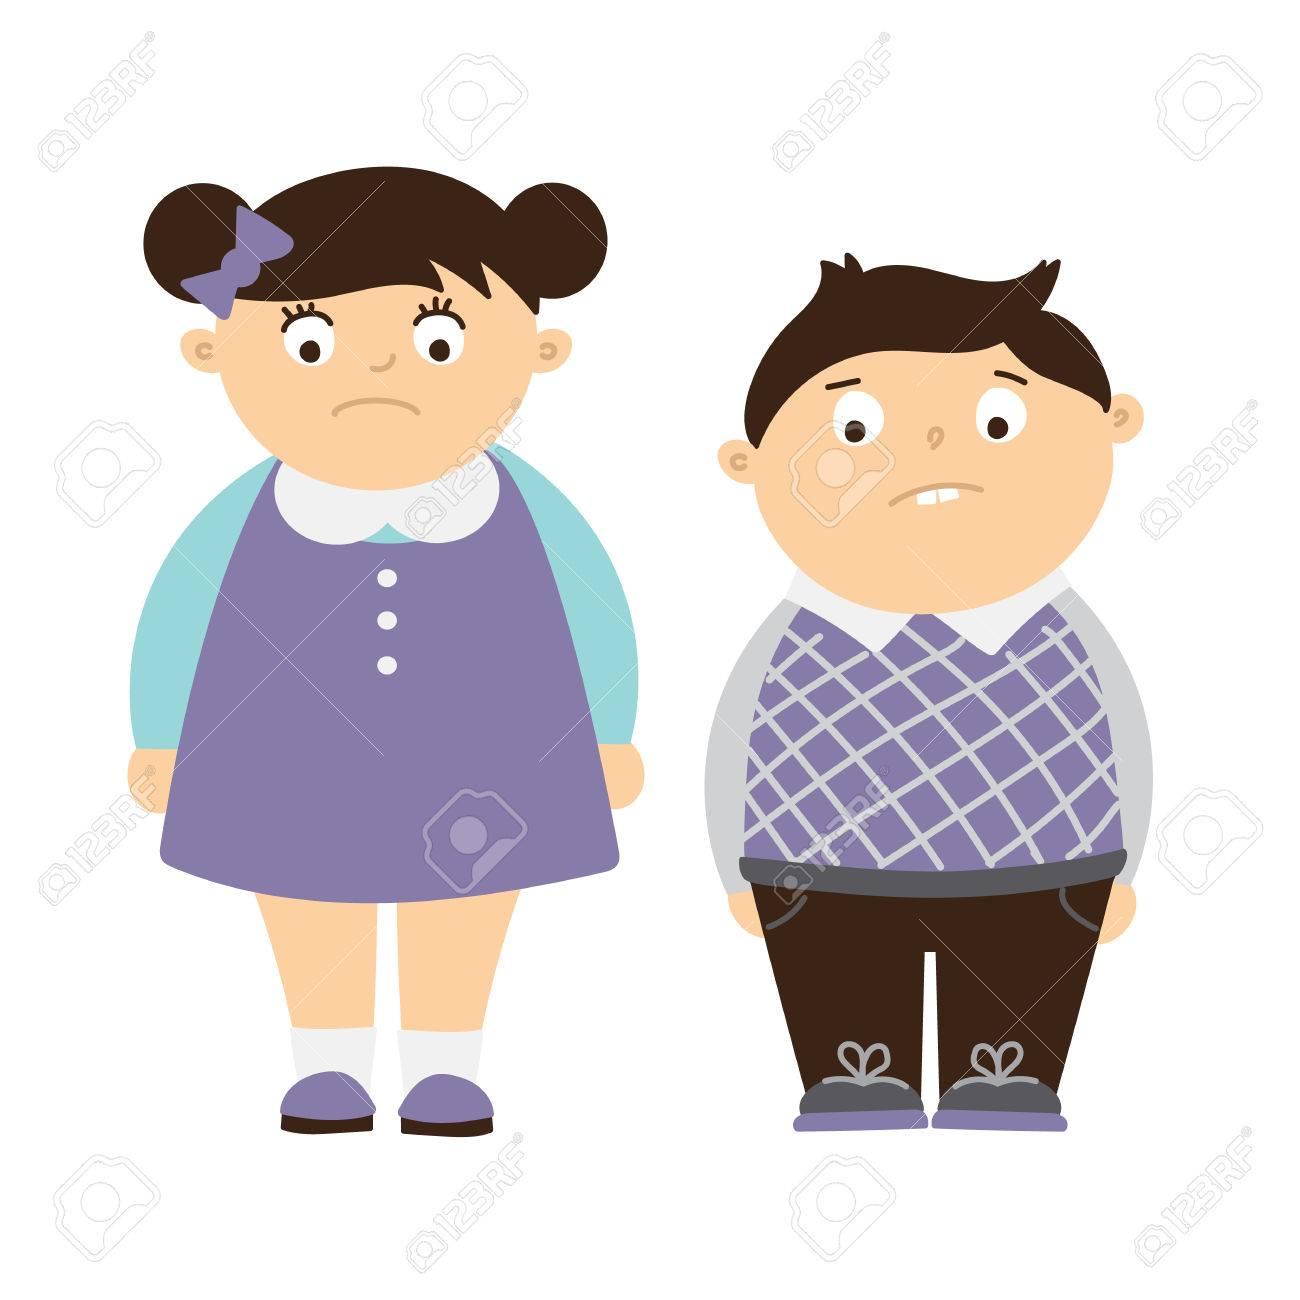 que es el sobrepeso y la obesidad infantil